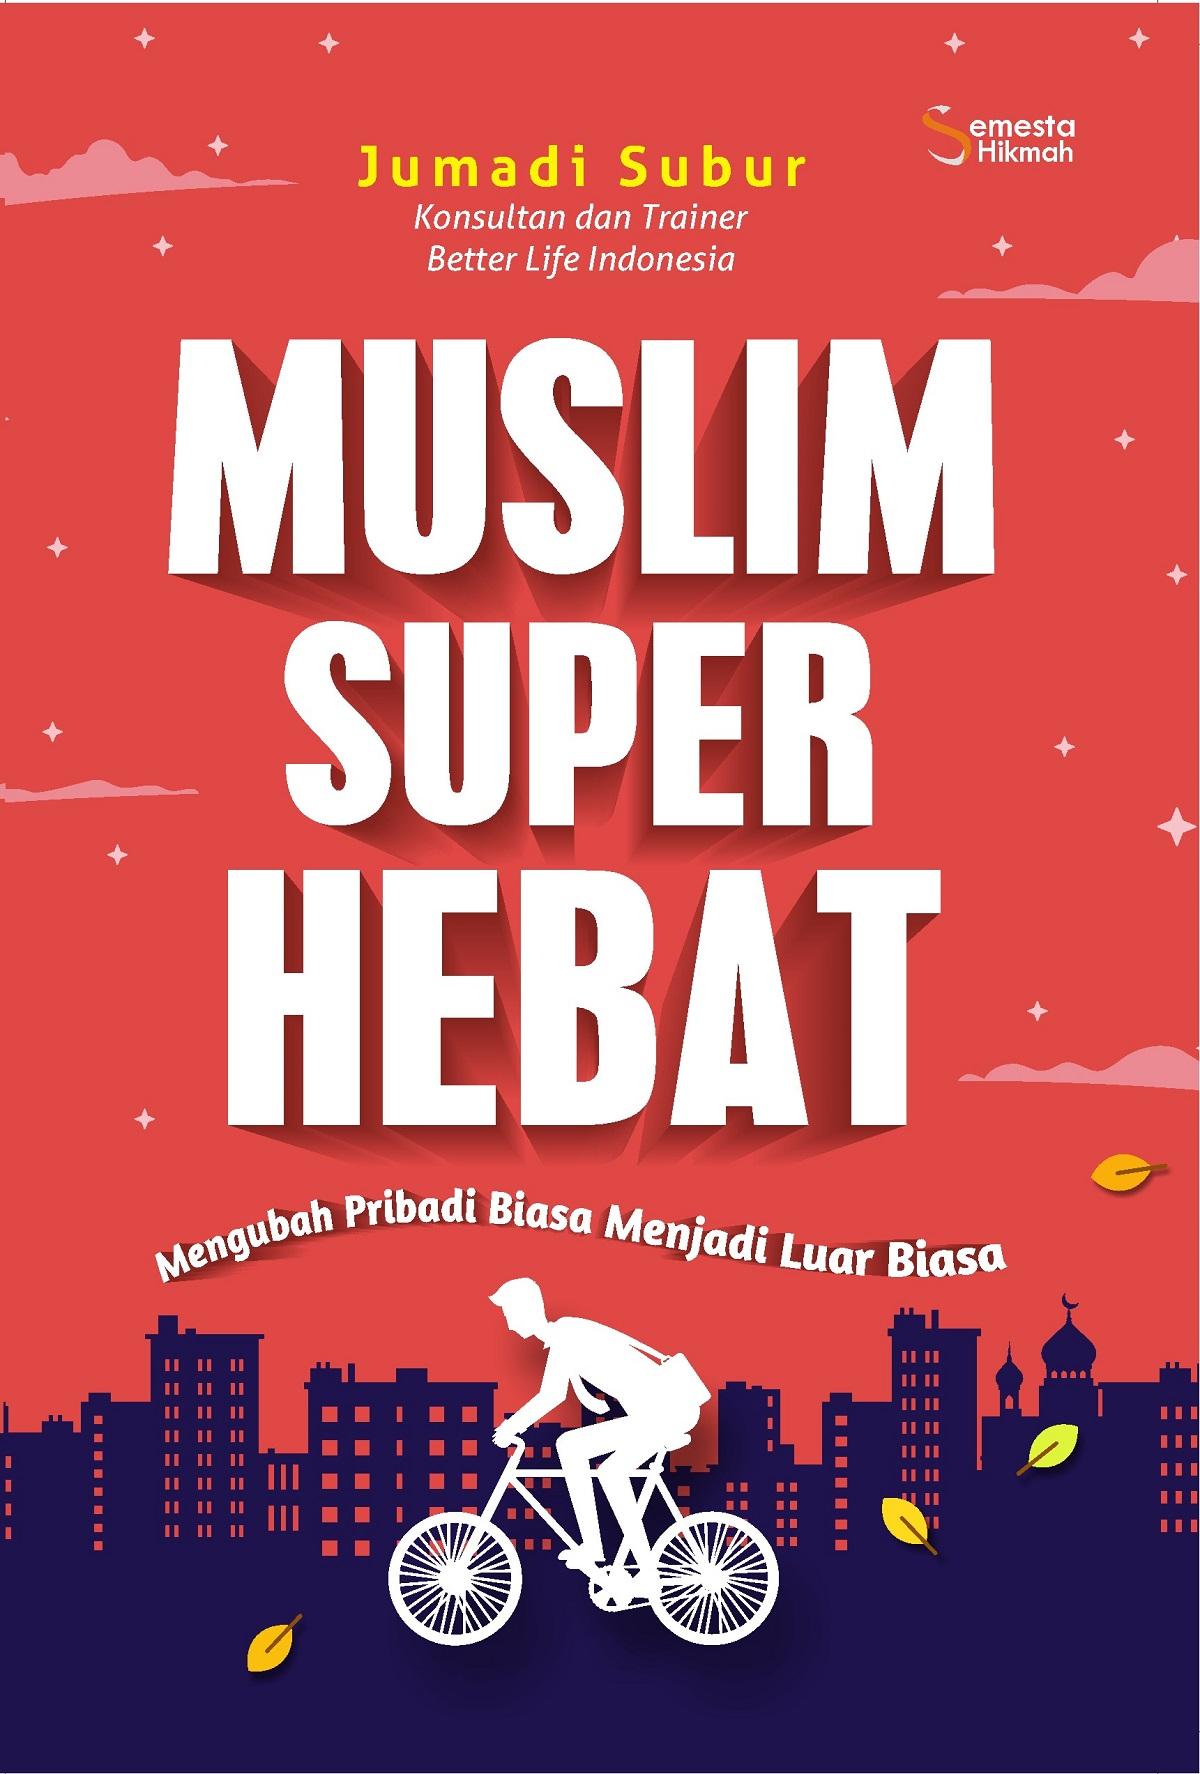 MUSLIM SUPER HEBATen